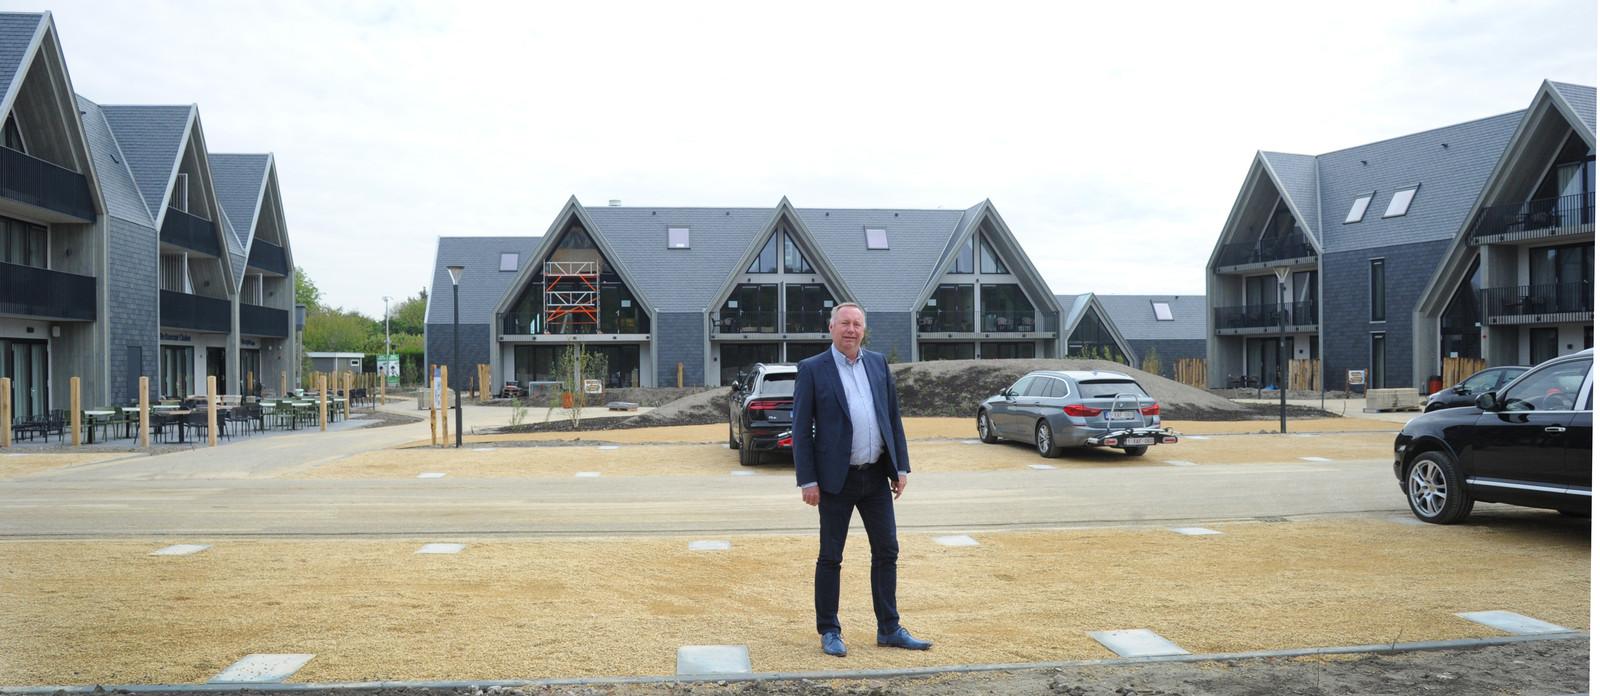 """Michel Kloeg voor zijn nieuwe hotel in Dishoek.  ,,Elke kamer heeft nu standaard een eettafel en twee stoelen zodat je daar fatsoenlijk kan ontbijten en dineren als het nodig is."""""""